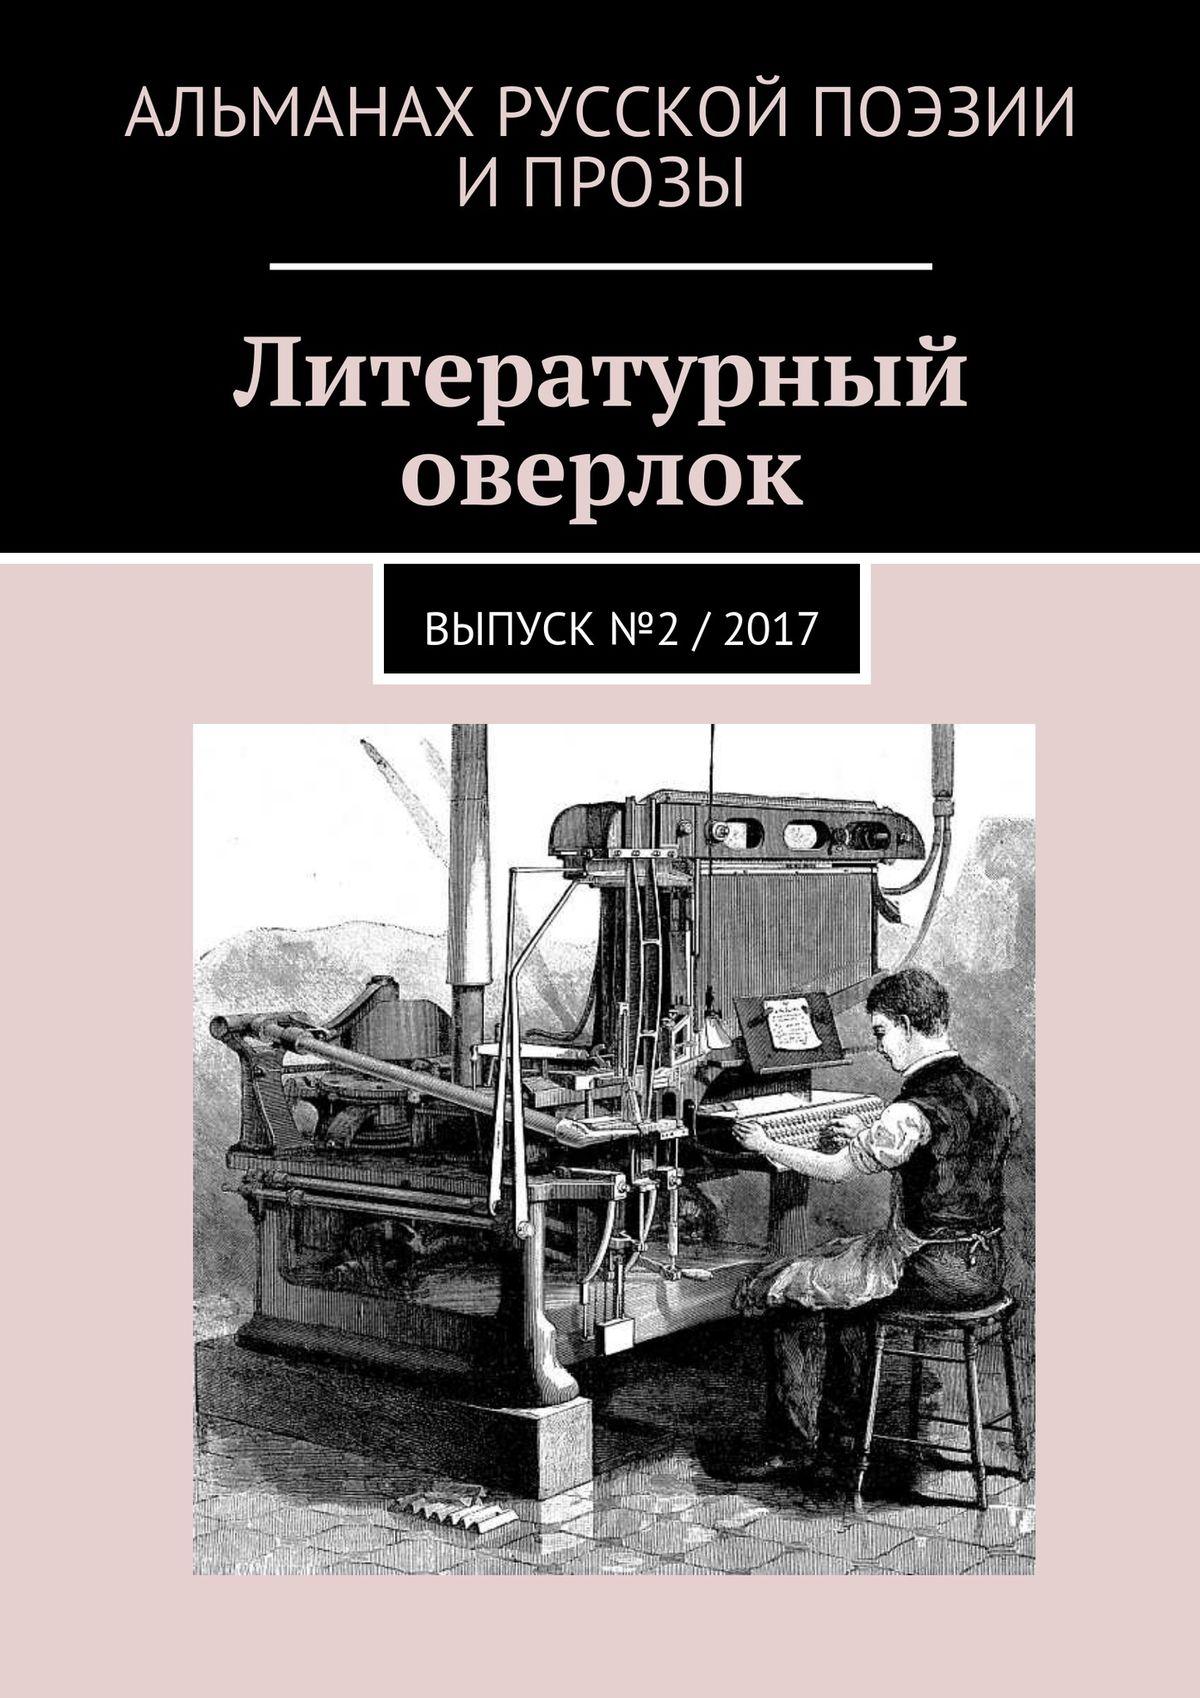 Литературный оверлок. Выпуск№2 / 2017